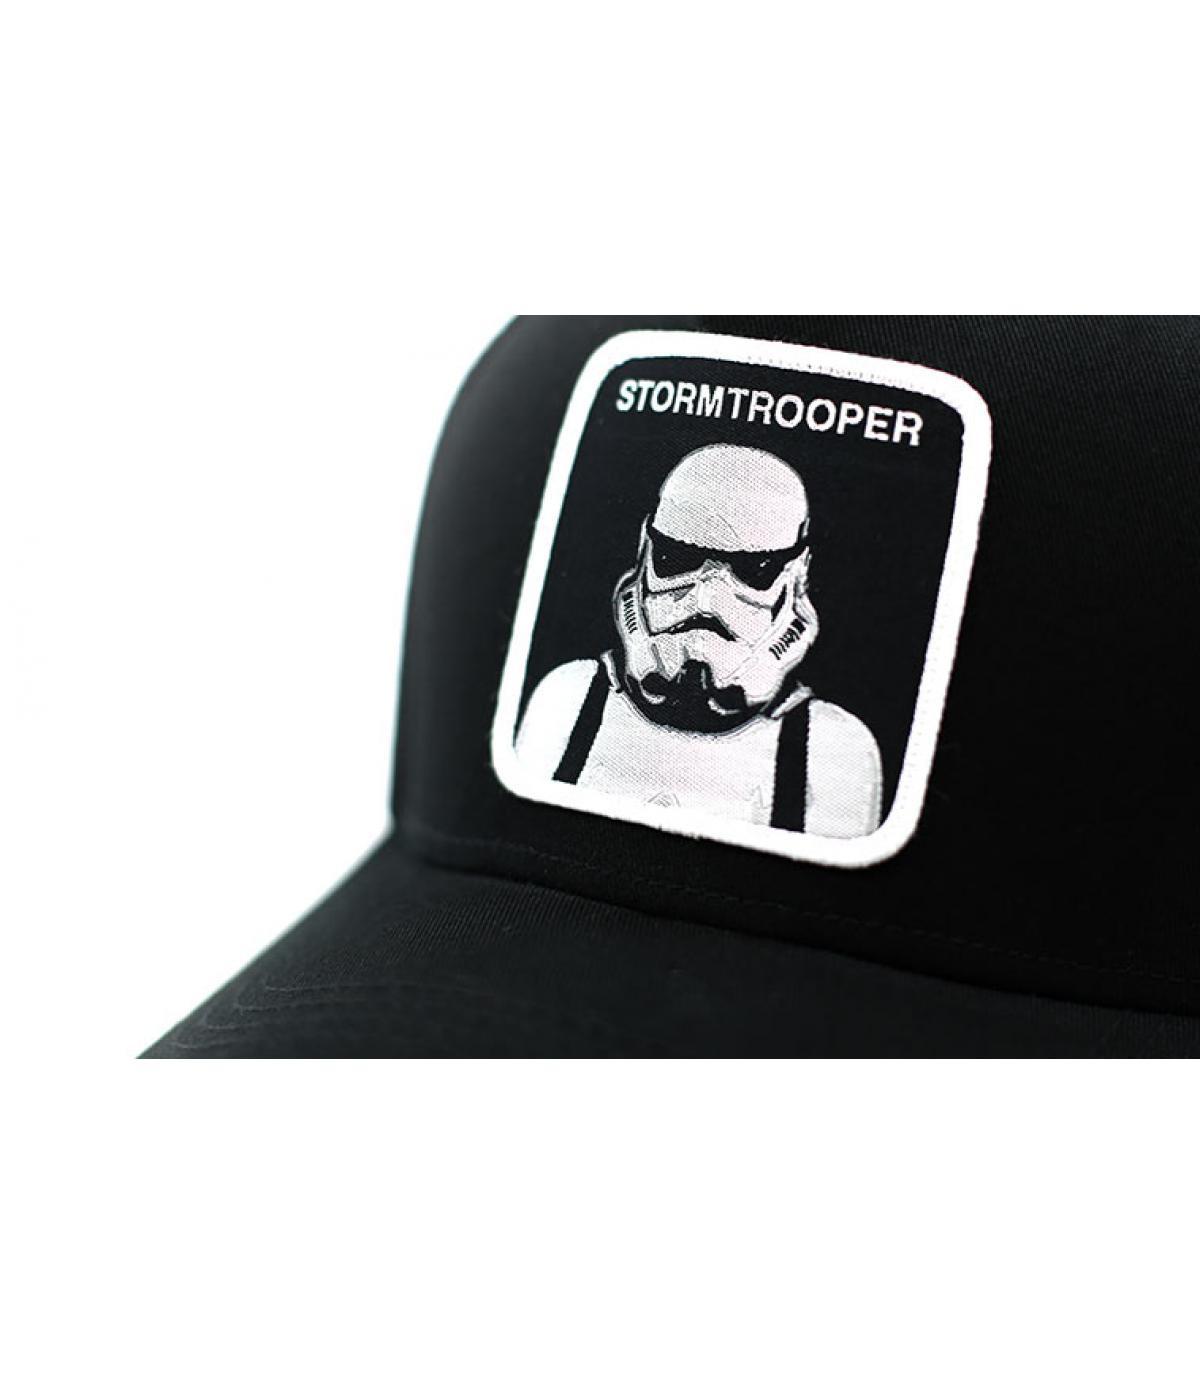 Detalles Cap Stormtrooper imagen 3